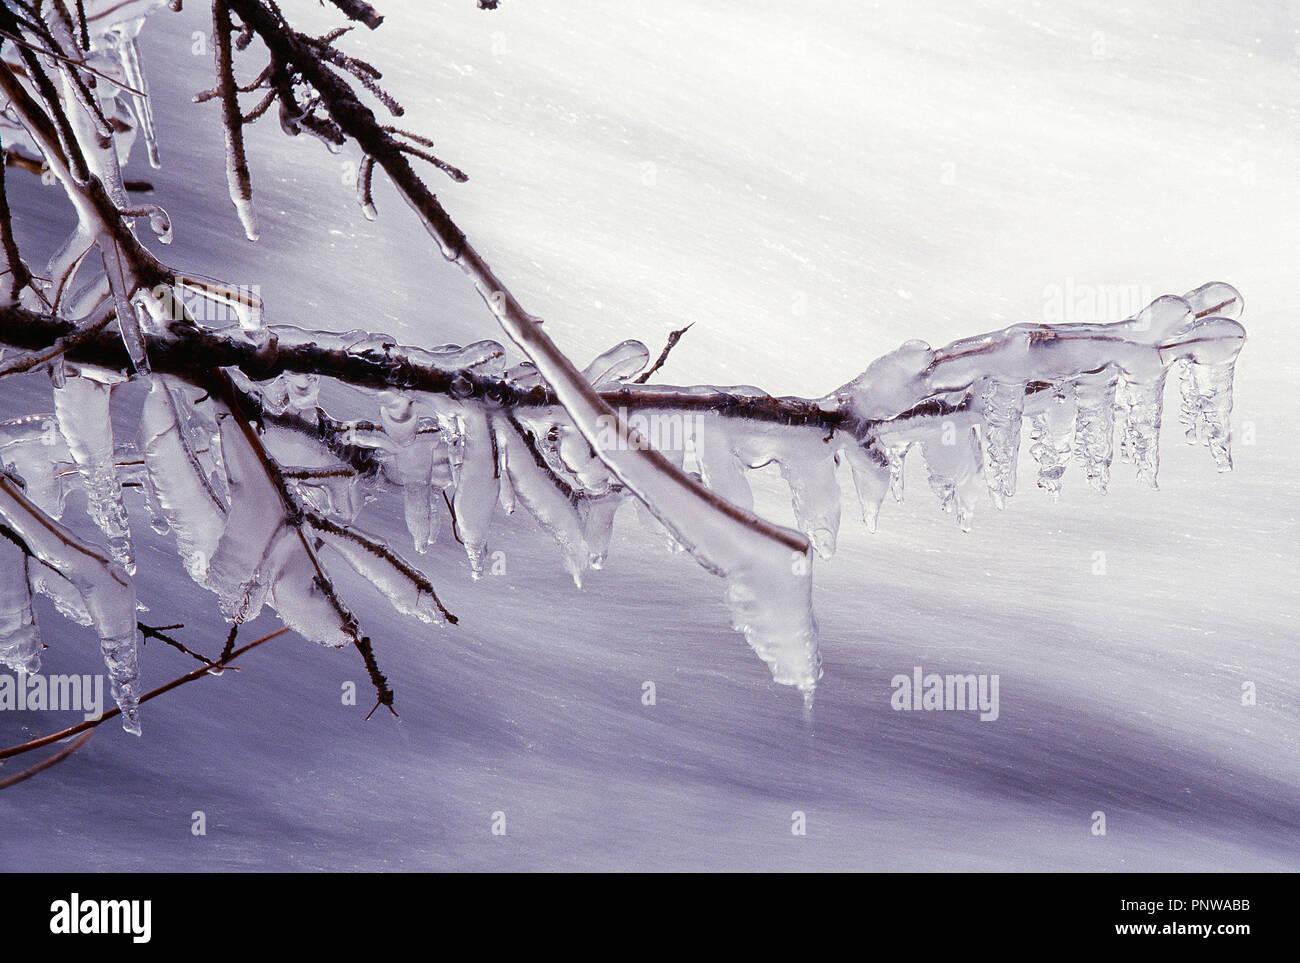 Stati Uniti d'America. Il Wyoming. Parco Nazionale di Yellowstone in inverno. Coperte di ghiaccio ramo dell'albero. Immagini Stock